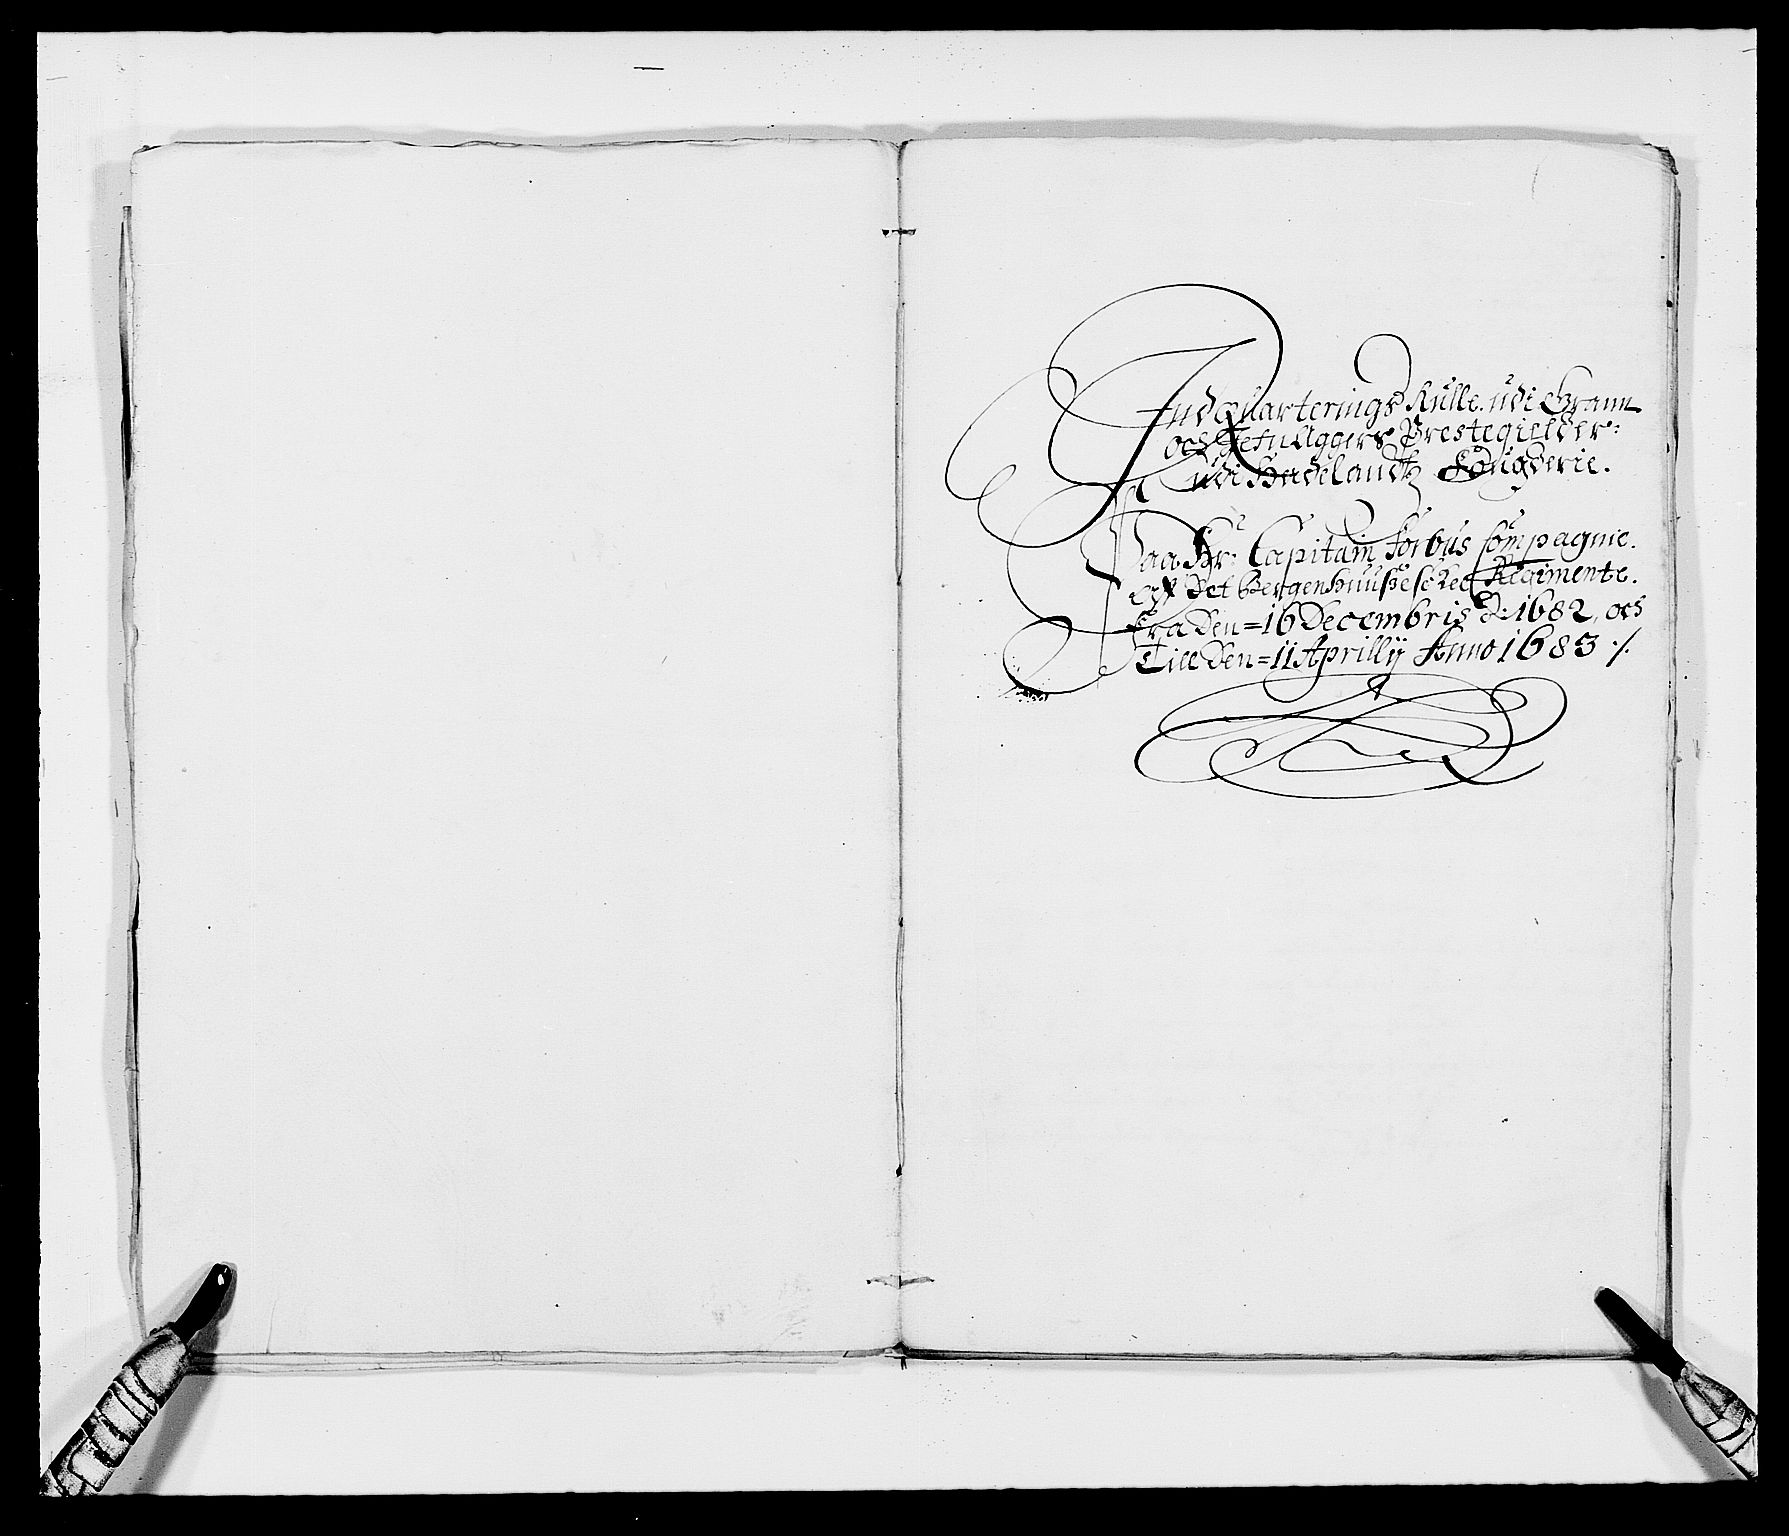 RA, Rentekammeret inntil 1814, Reviderte regnskaper, Fogderegnskap, R18/L1283: Fogderegnskap Hadeland, Toten og Valdres, 1684, s. 353